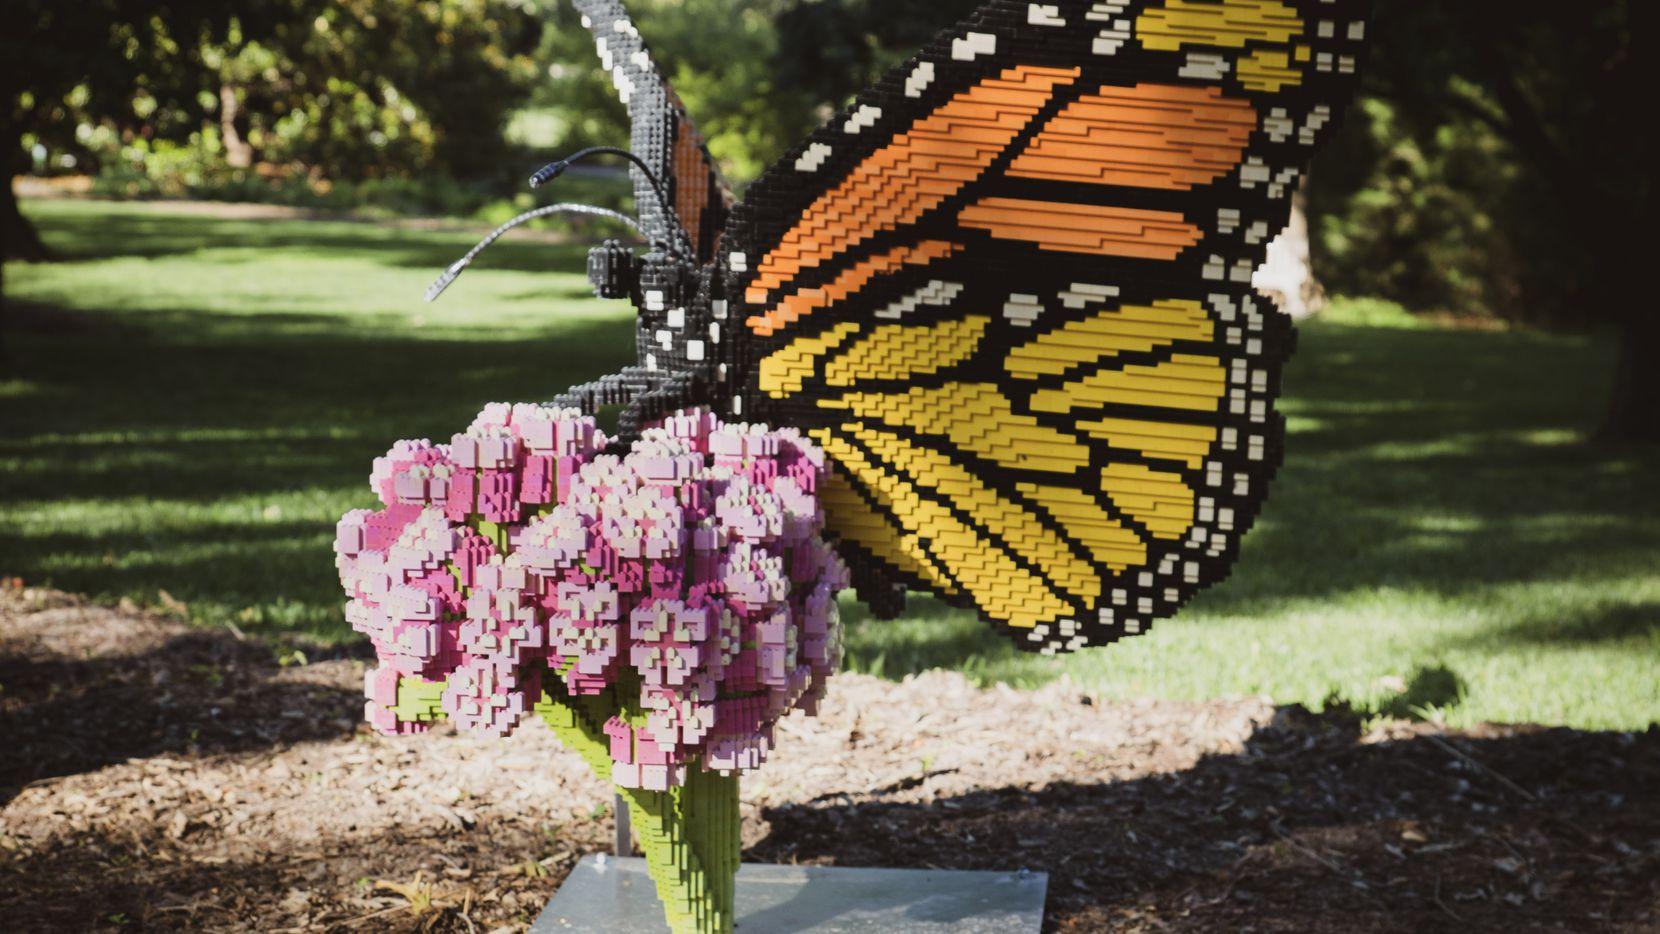 El jardín botánico de Fort Worth invita a las familias a celebrar y aprender de la migración de las mariposas monarcas este sábado 2 de octubre.